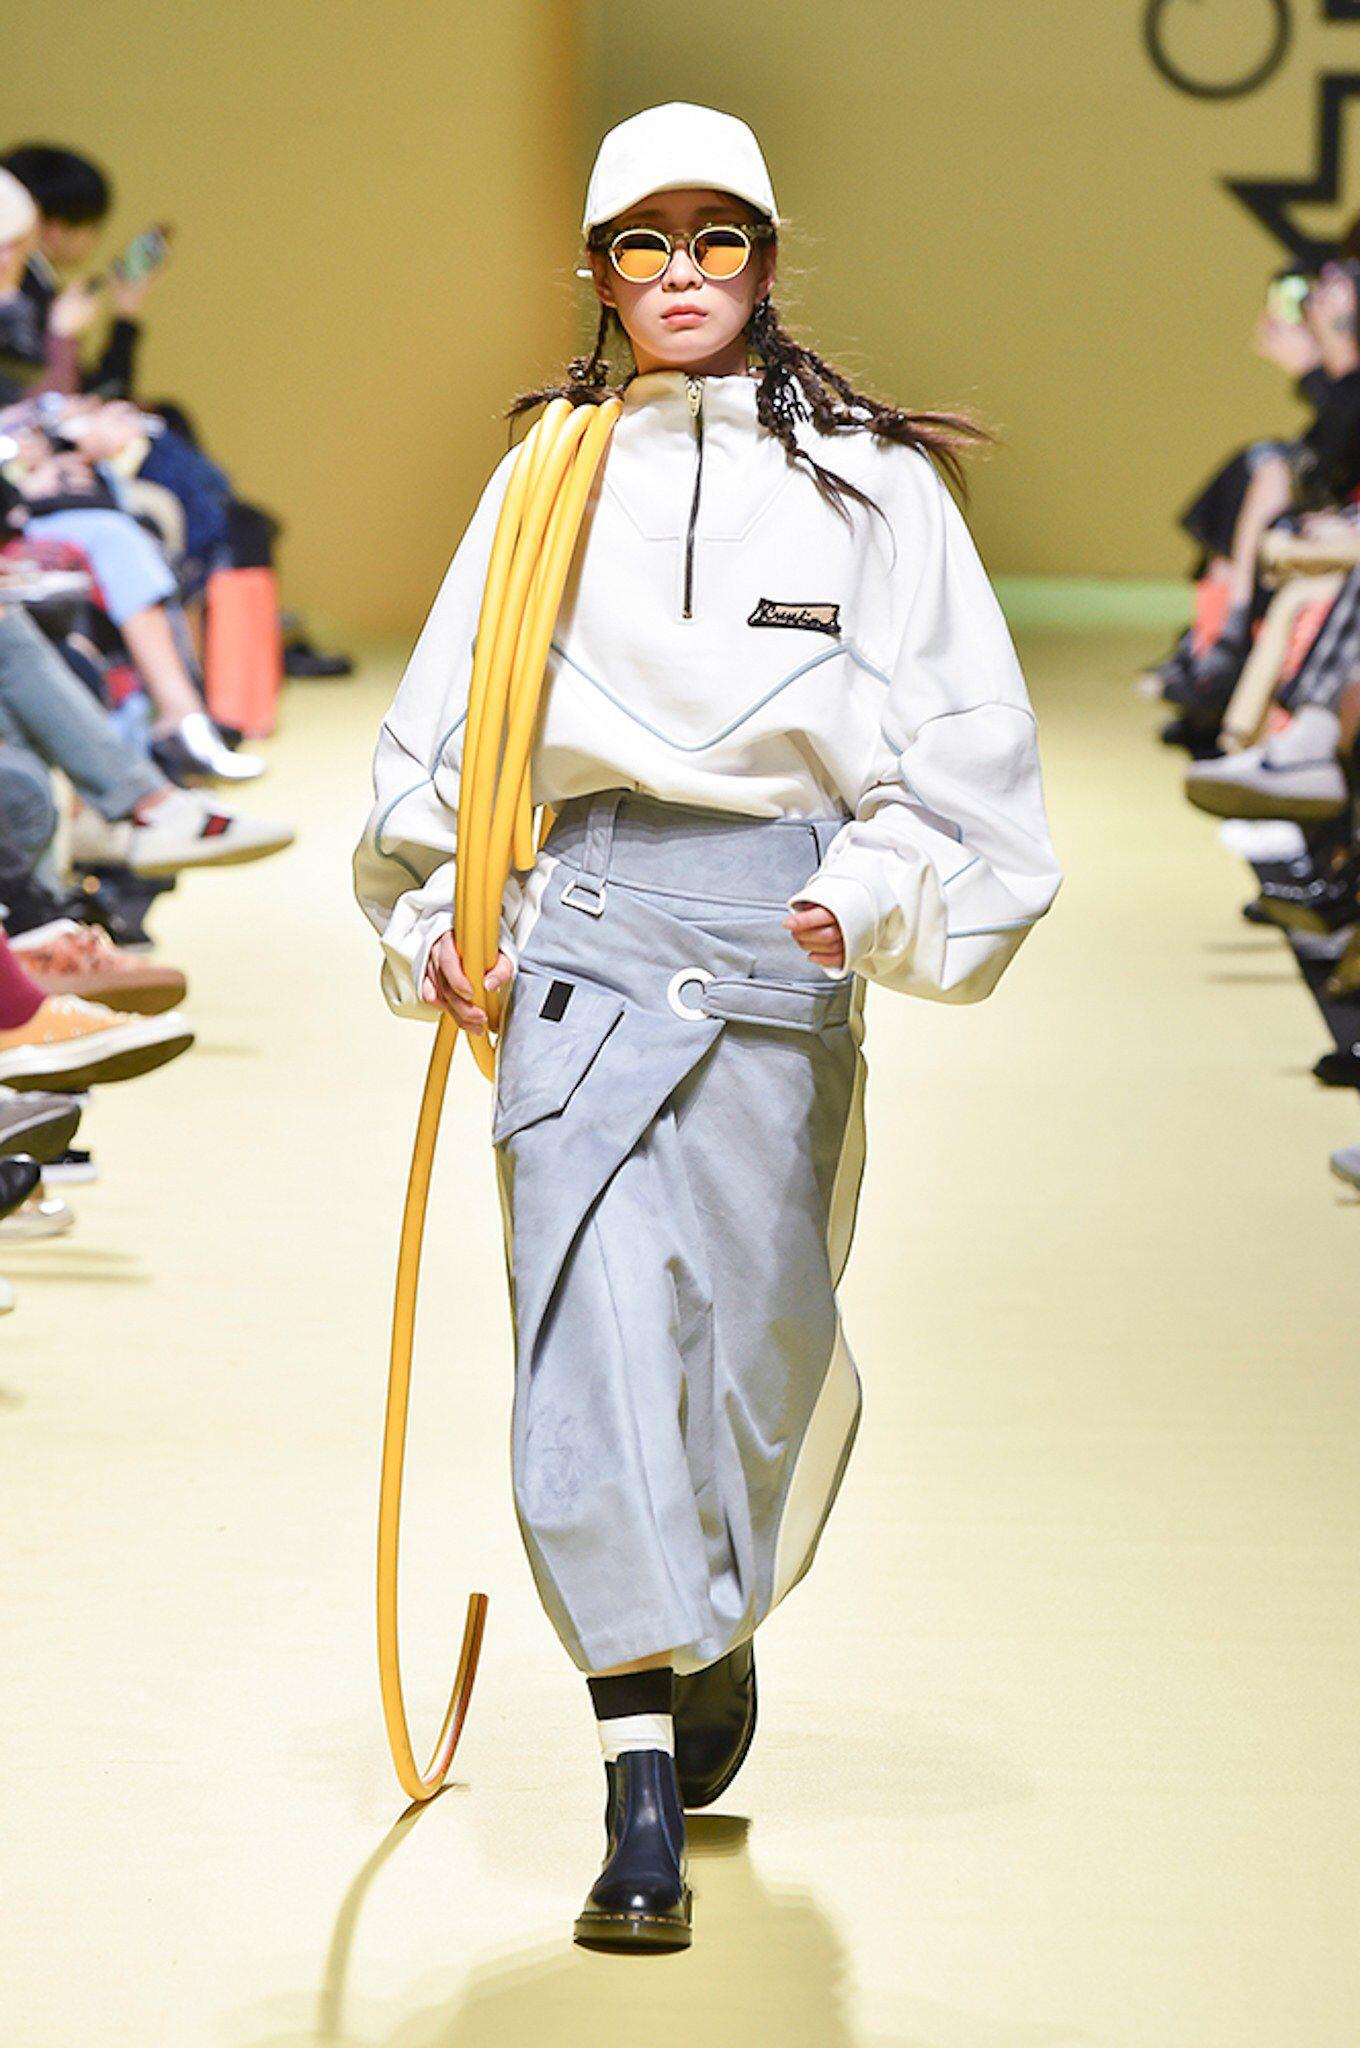 Cres. E Dim. Seoul Fall 2017 Fashion Show in 2020 | Seoul ...